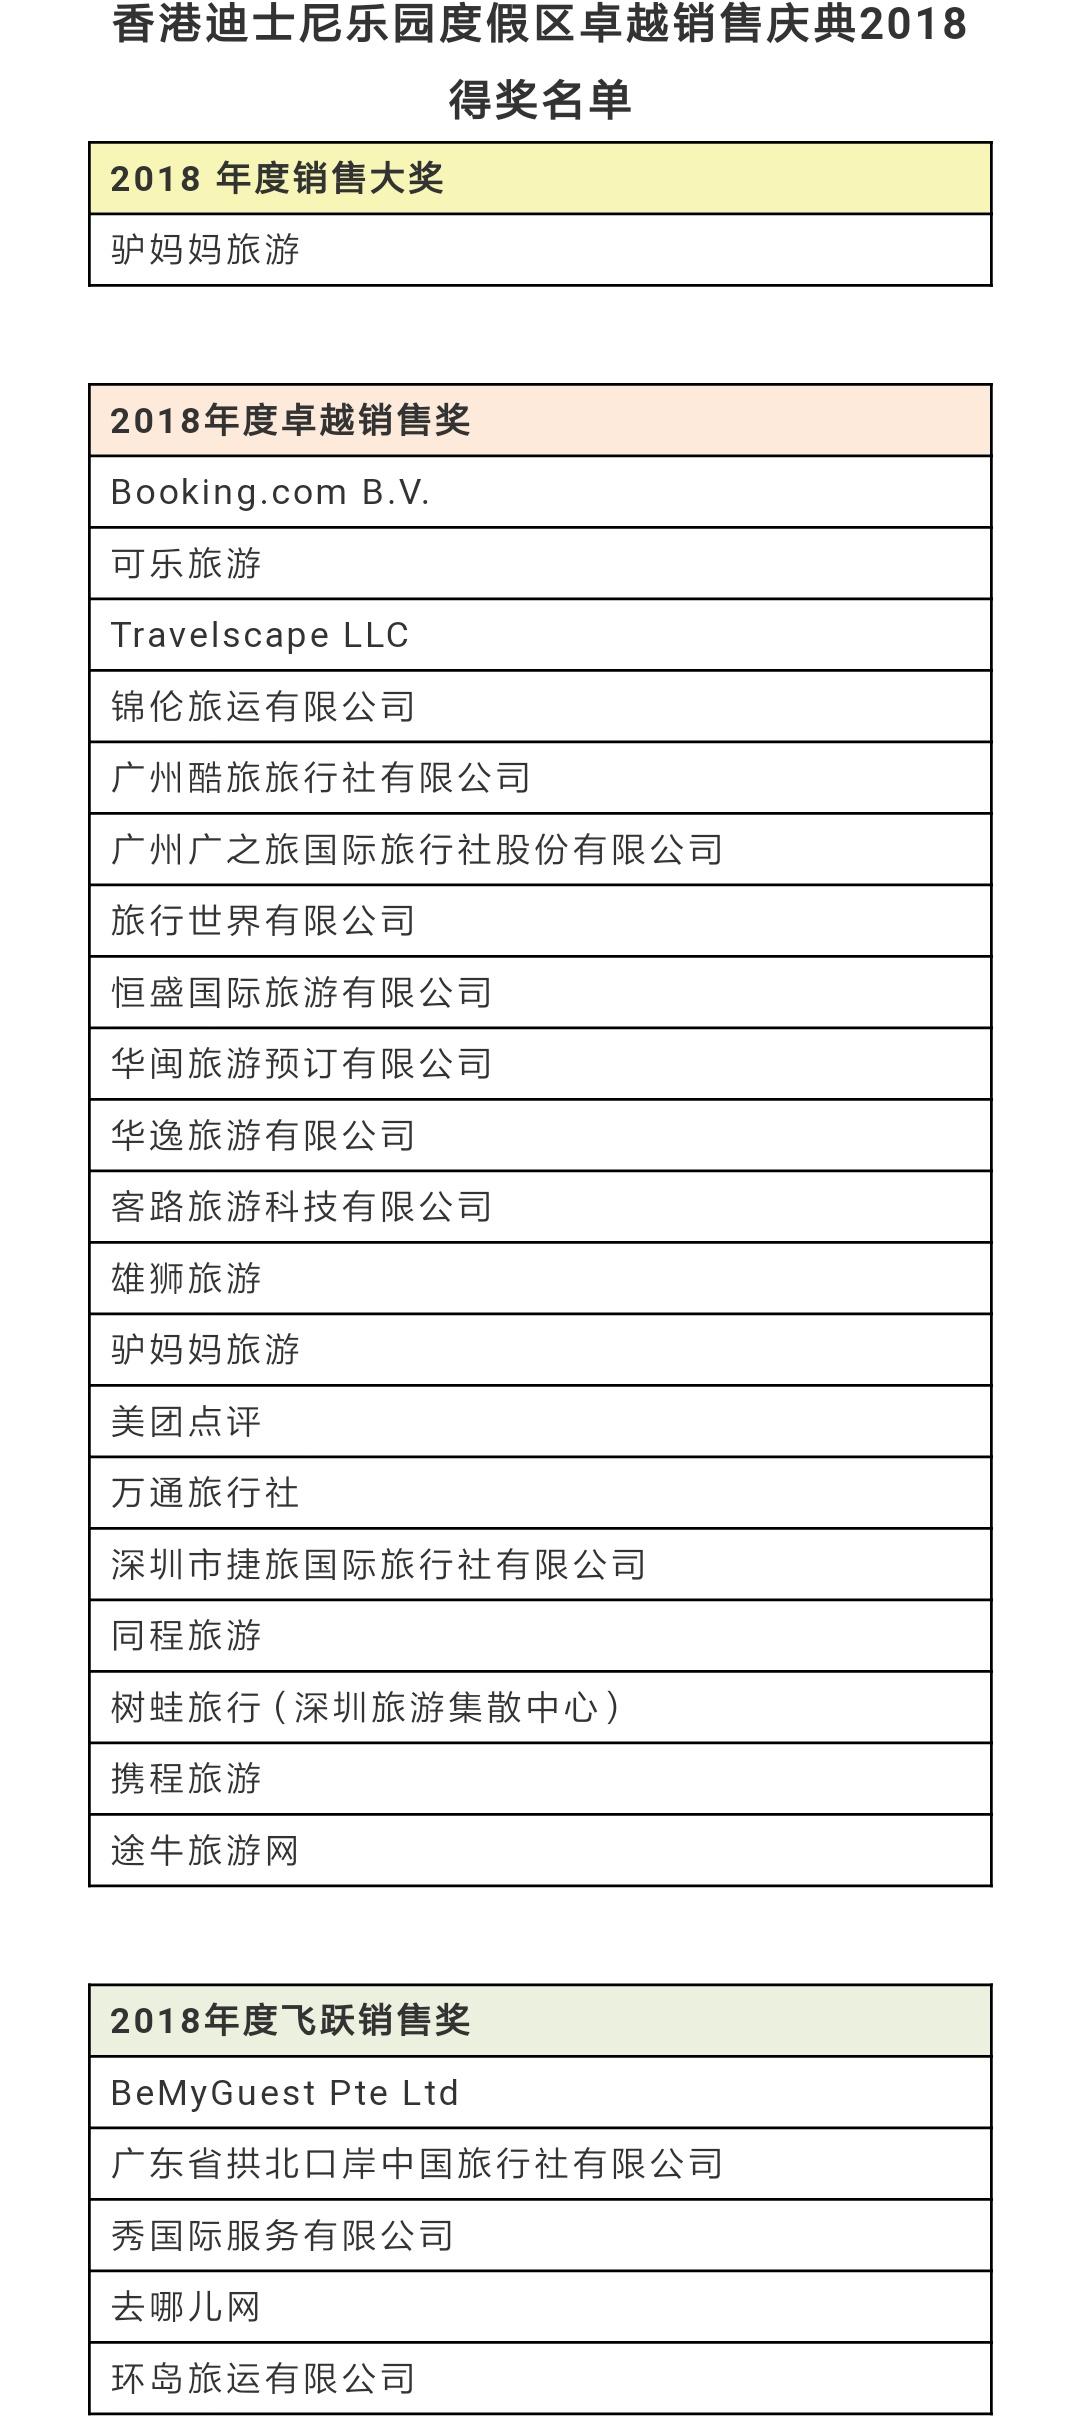 Screenshot_2019-04-15-23-41-47-234_com.tencent.mm.png